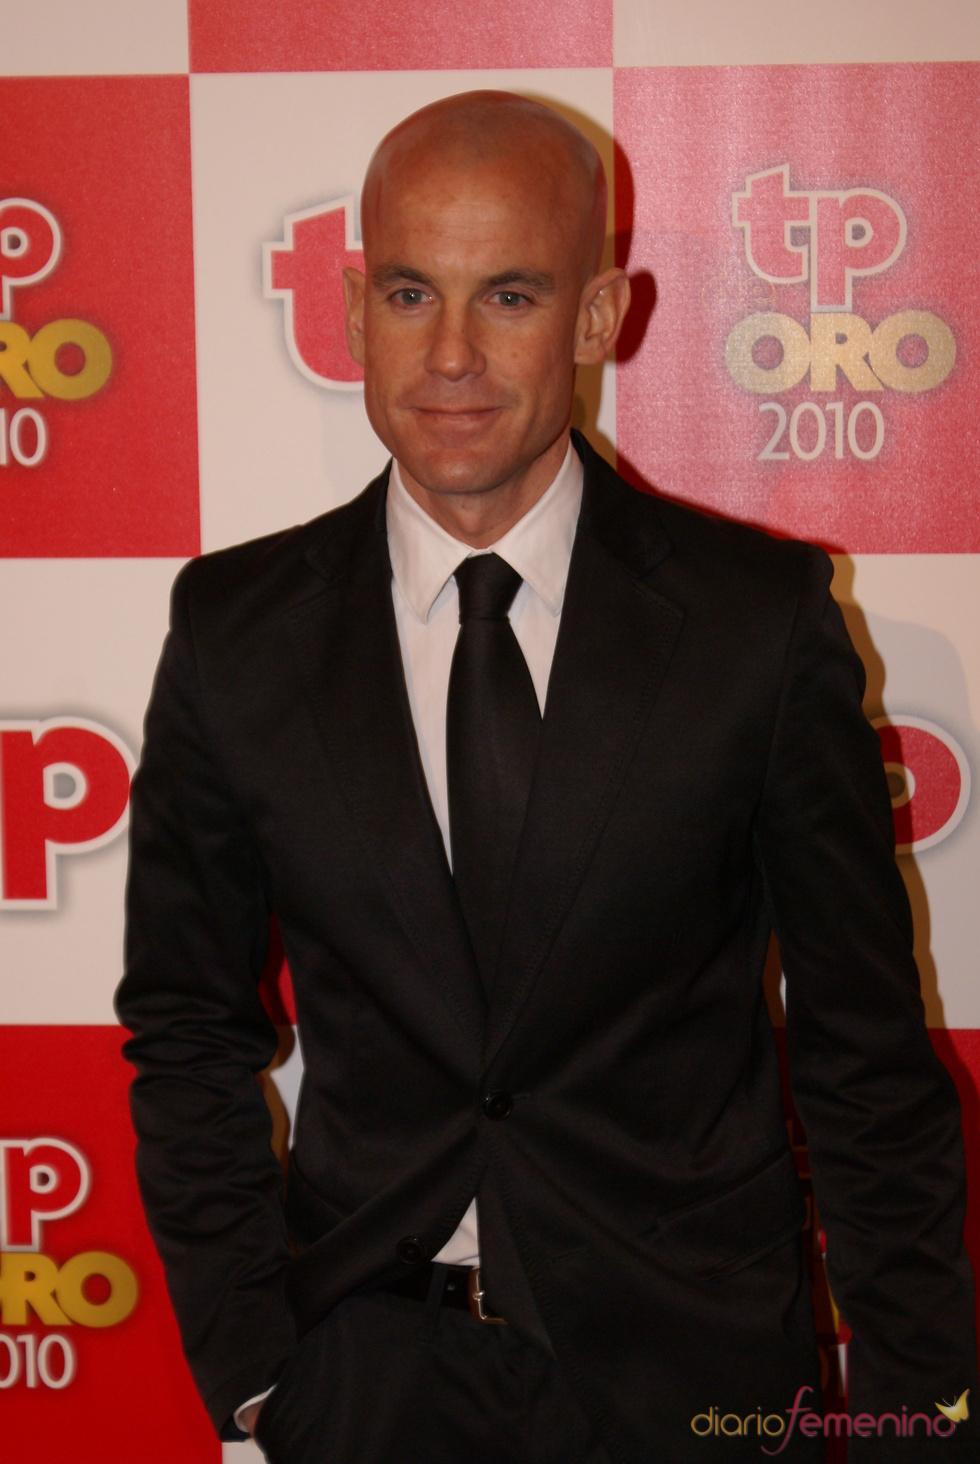 Ramón Fuentes en los Premios TP de Oro 2010